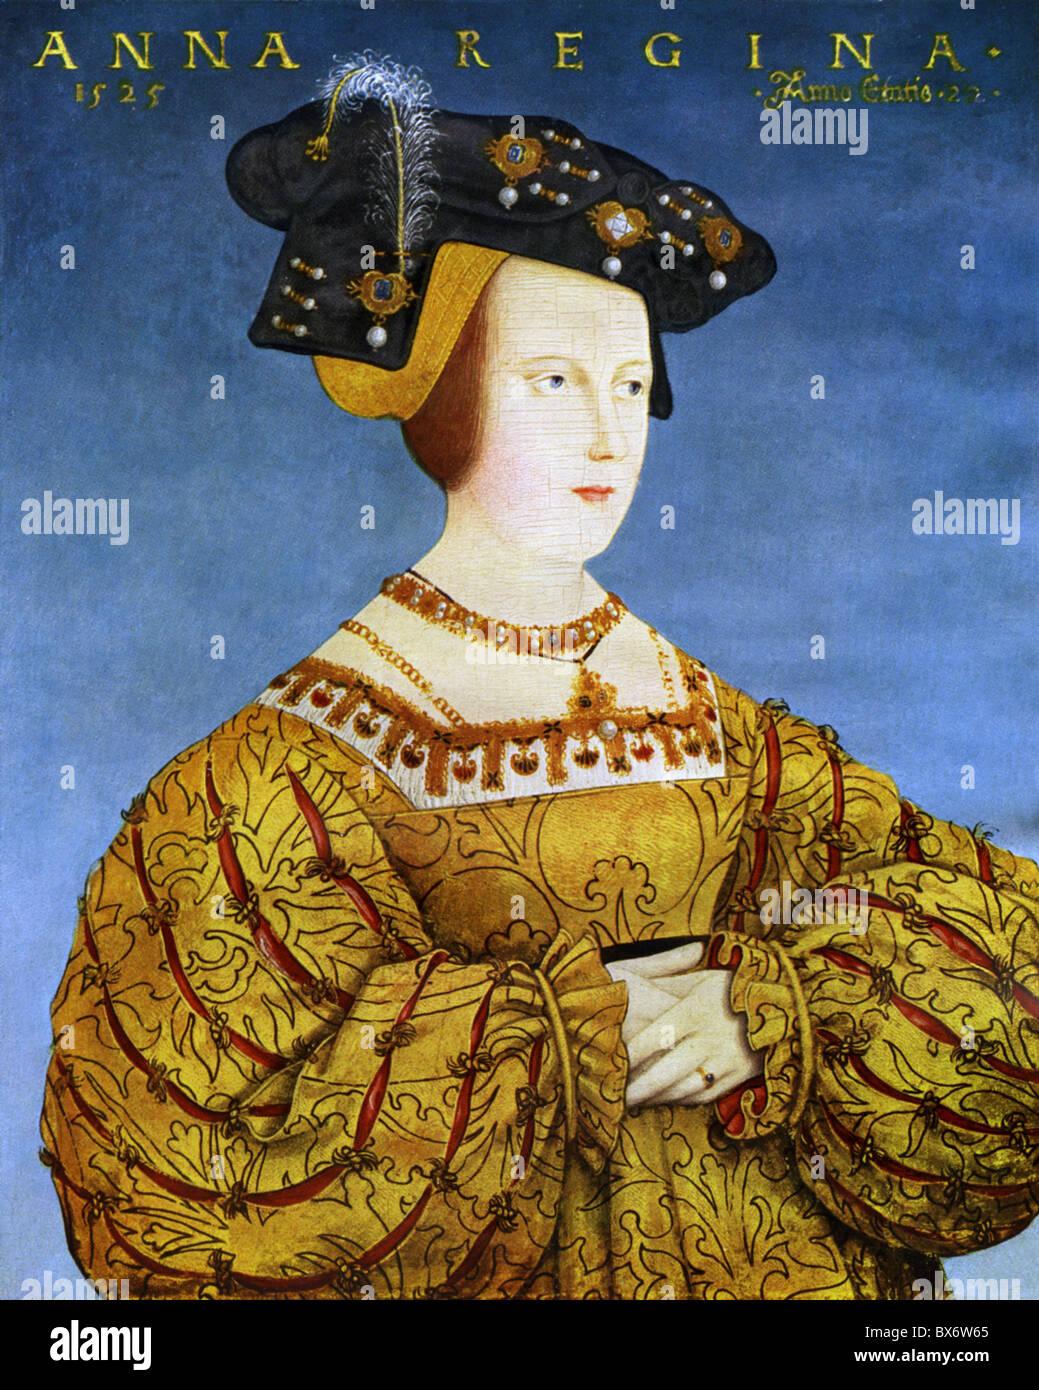 Anna, 23.7.1503 - 27.1.1547, Reina de los romanos 5.1.1531 - 27.1.1547, retrato, imprimir después de pintar Imagen De Stock